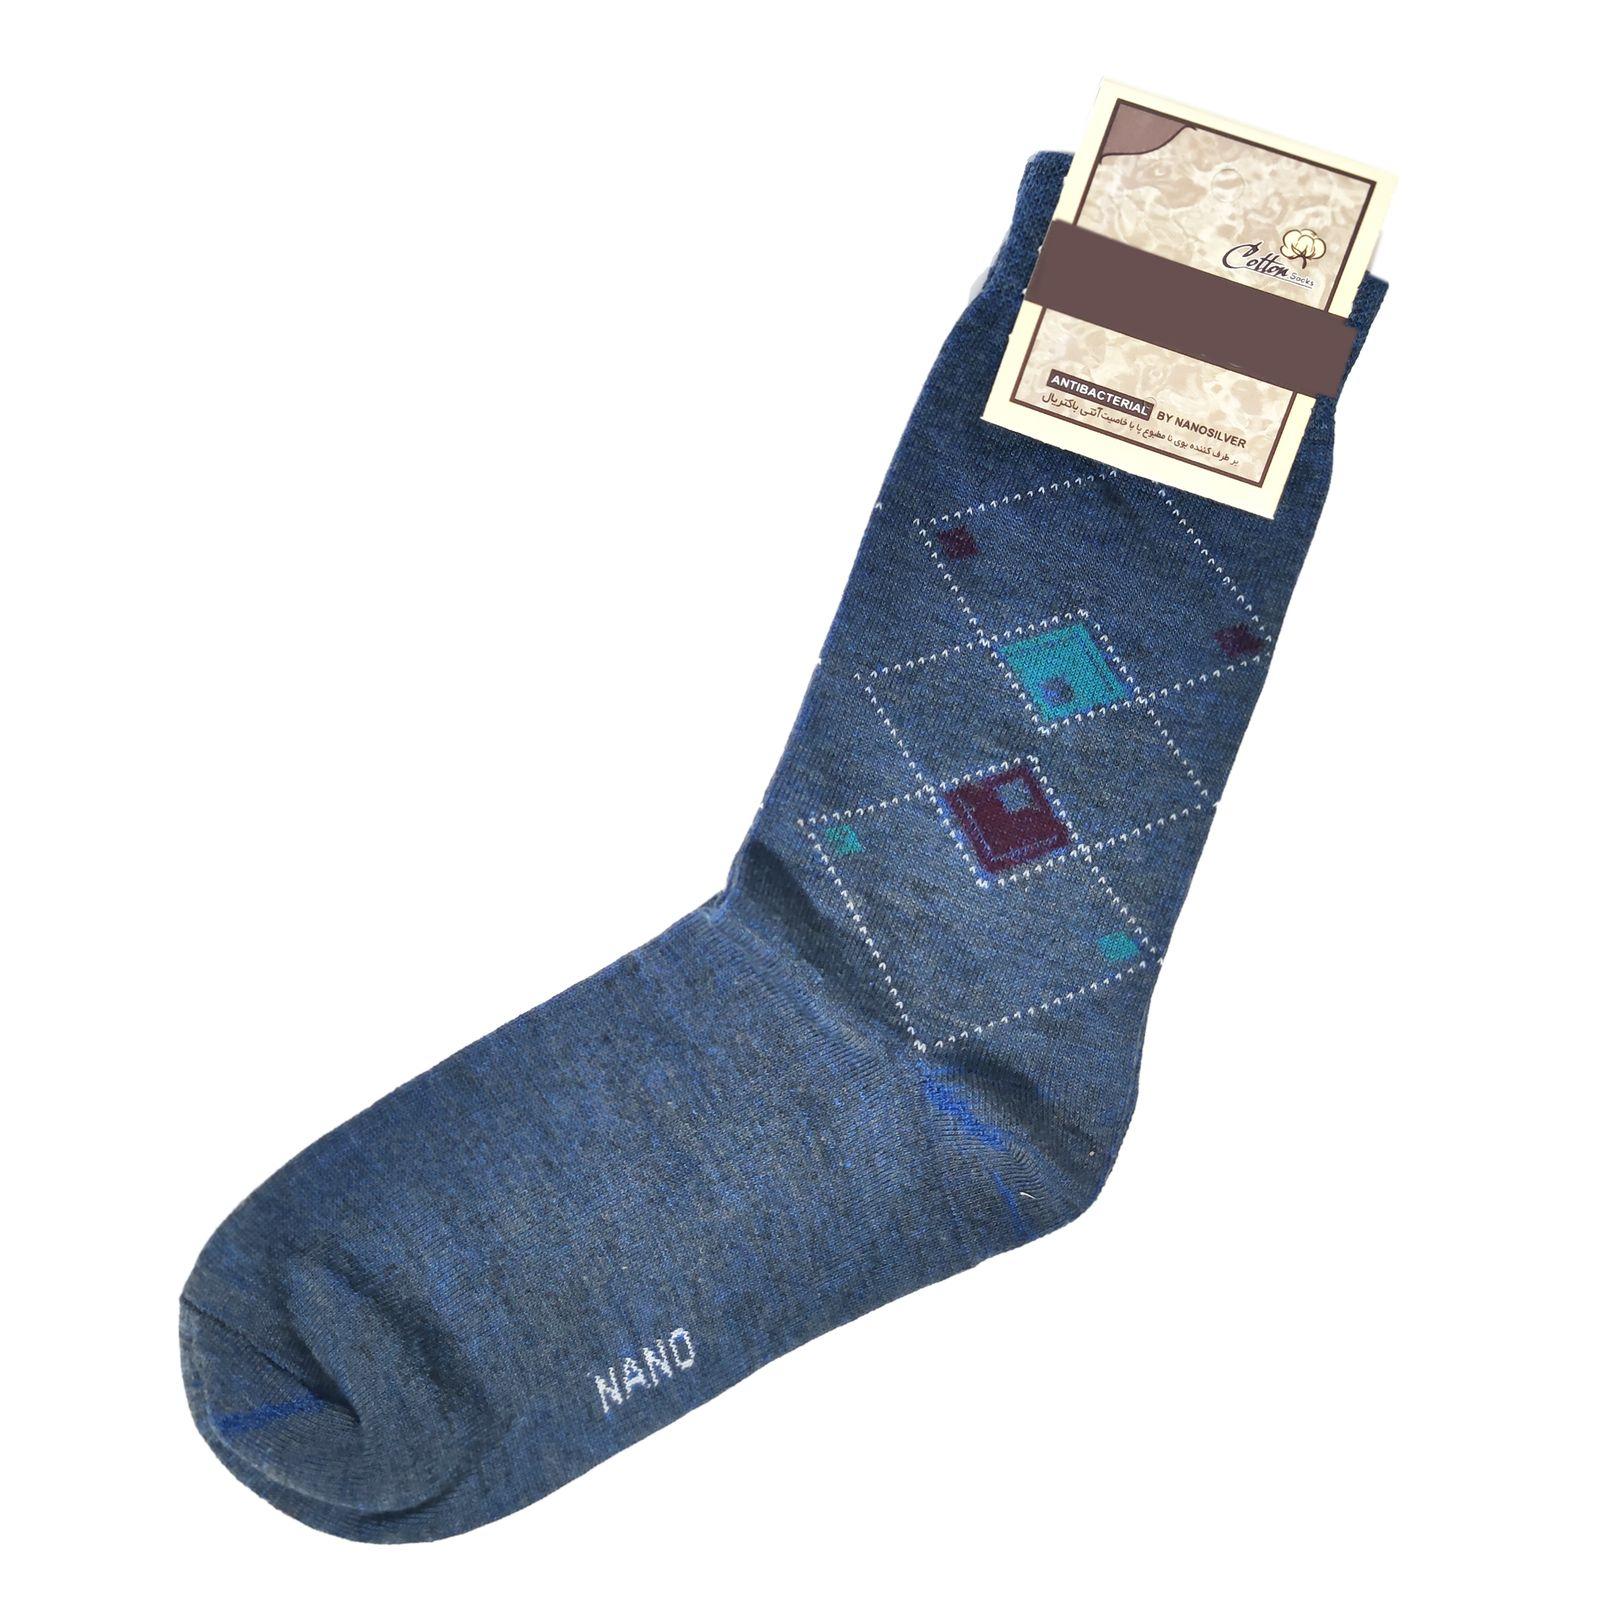 جوراب مردانه کد 210 -  - 2